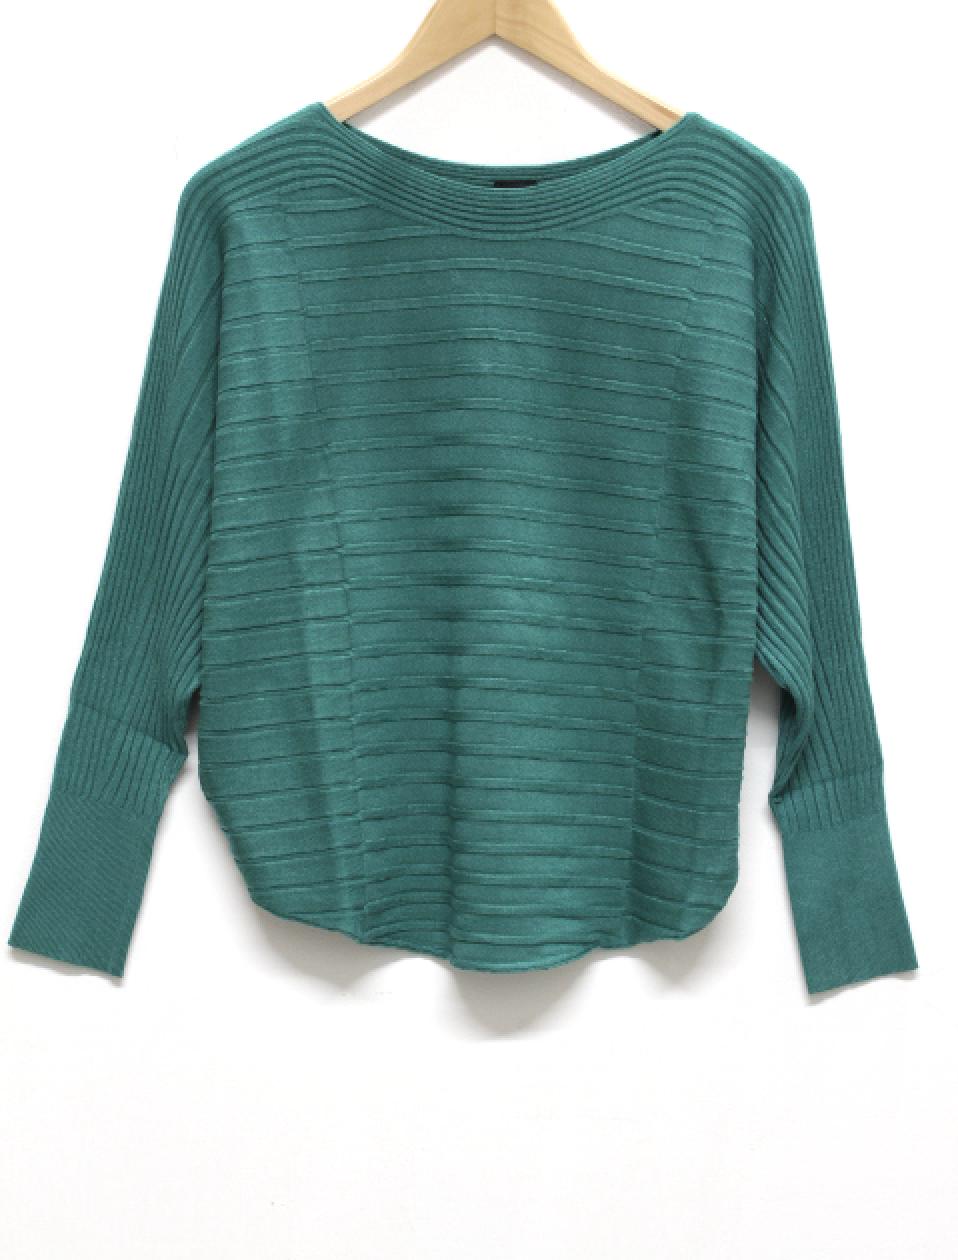 Sioni Evergreen Sweater